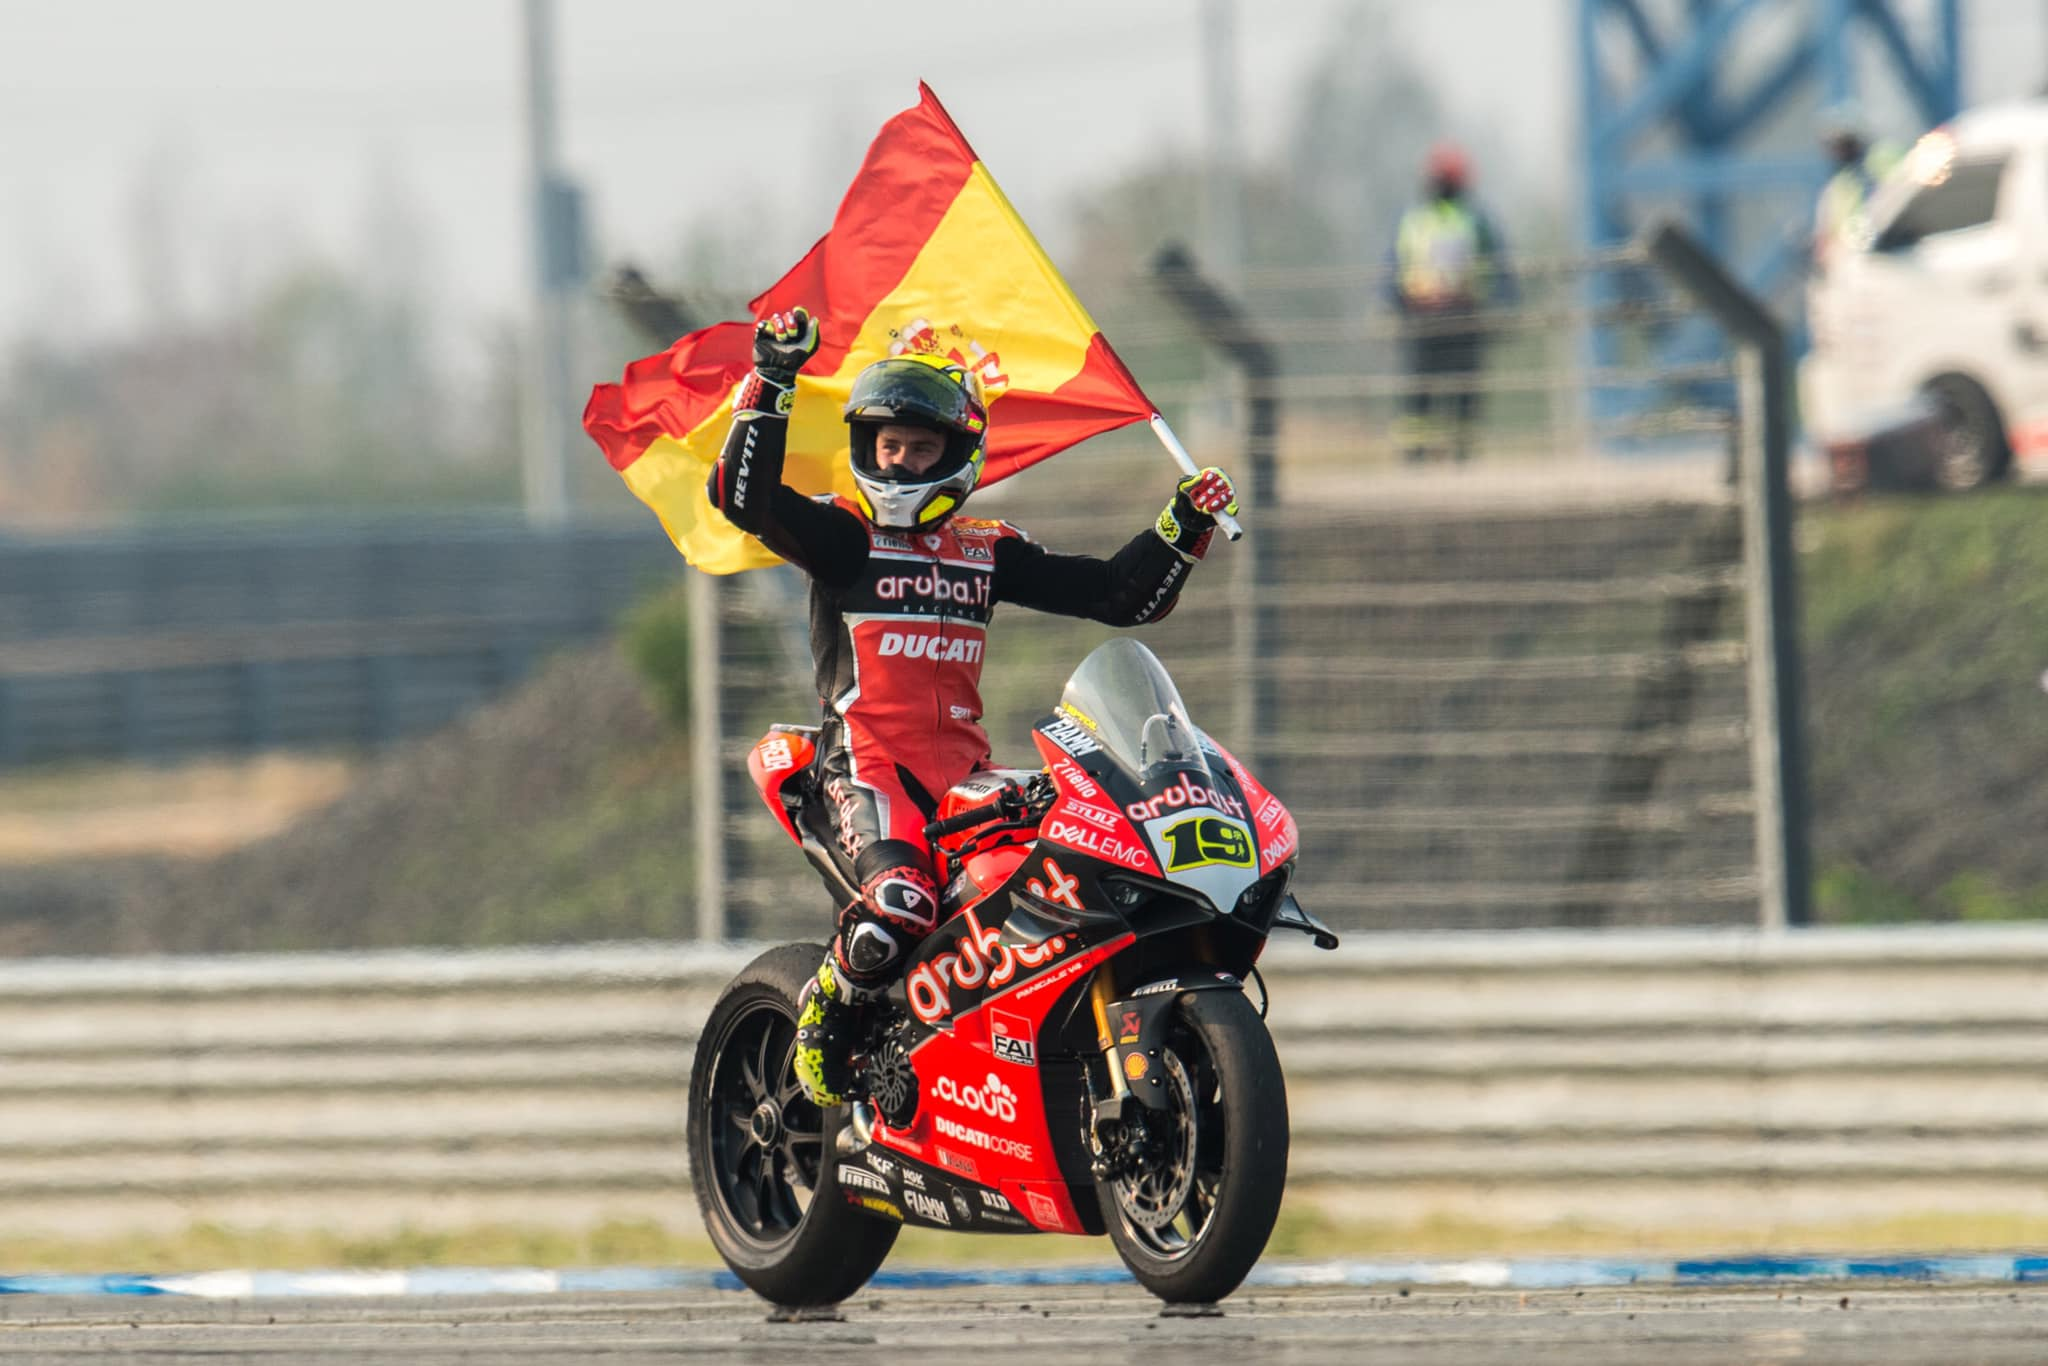 Lluís Zúñiga»Si Bautista no fuese español, ¿Hubiese Dorna limitado aún más la Ducati?»